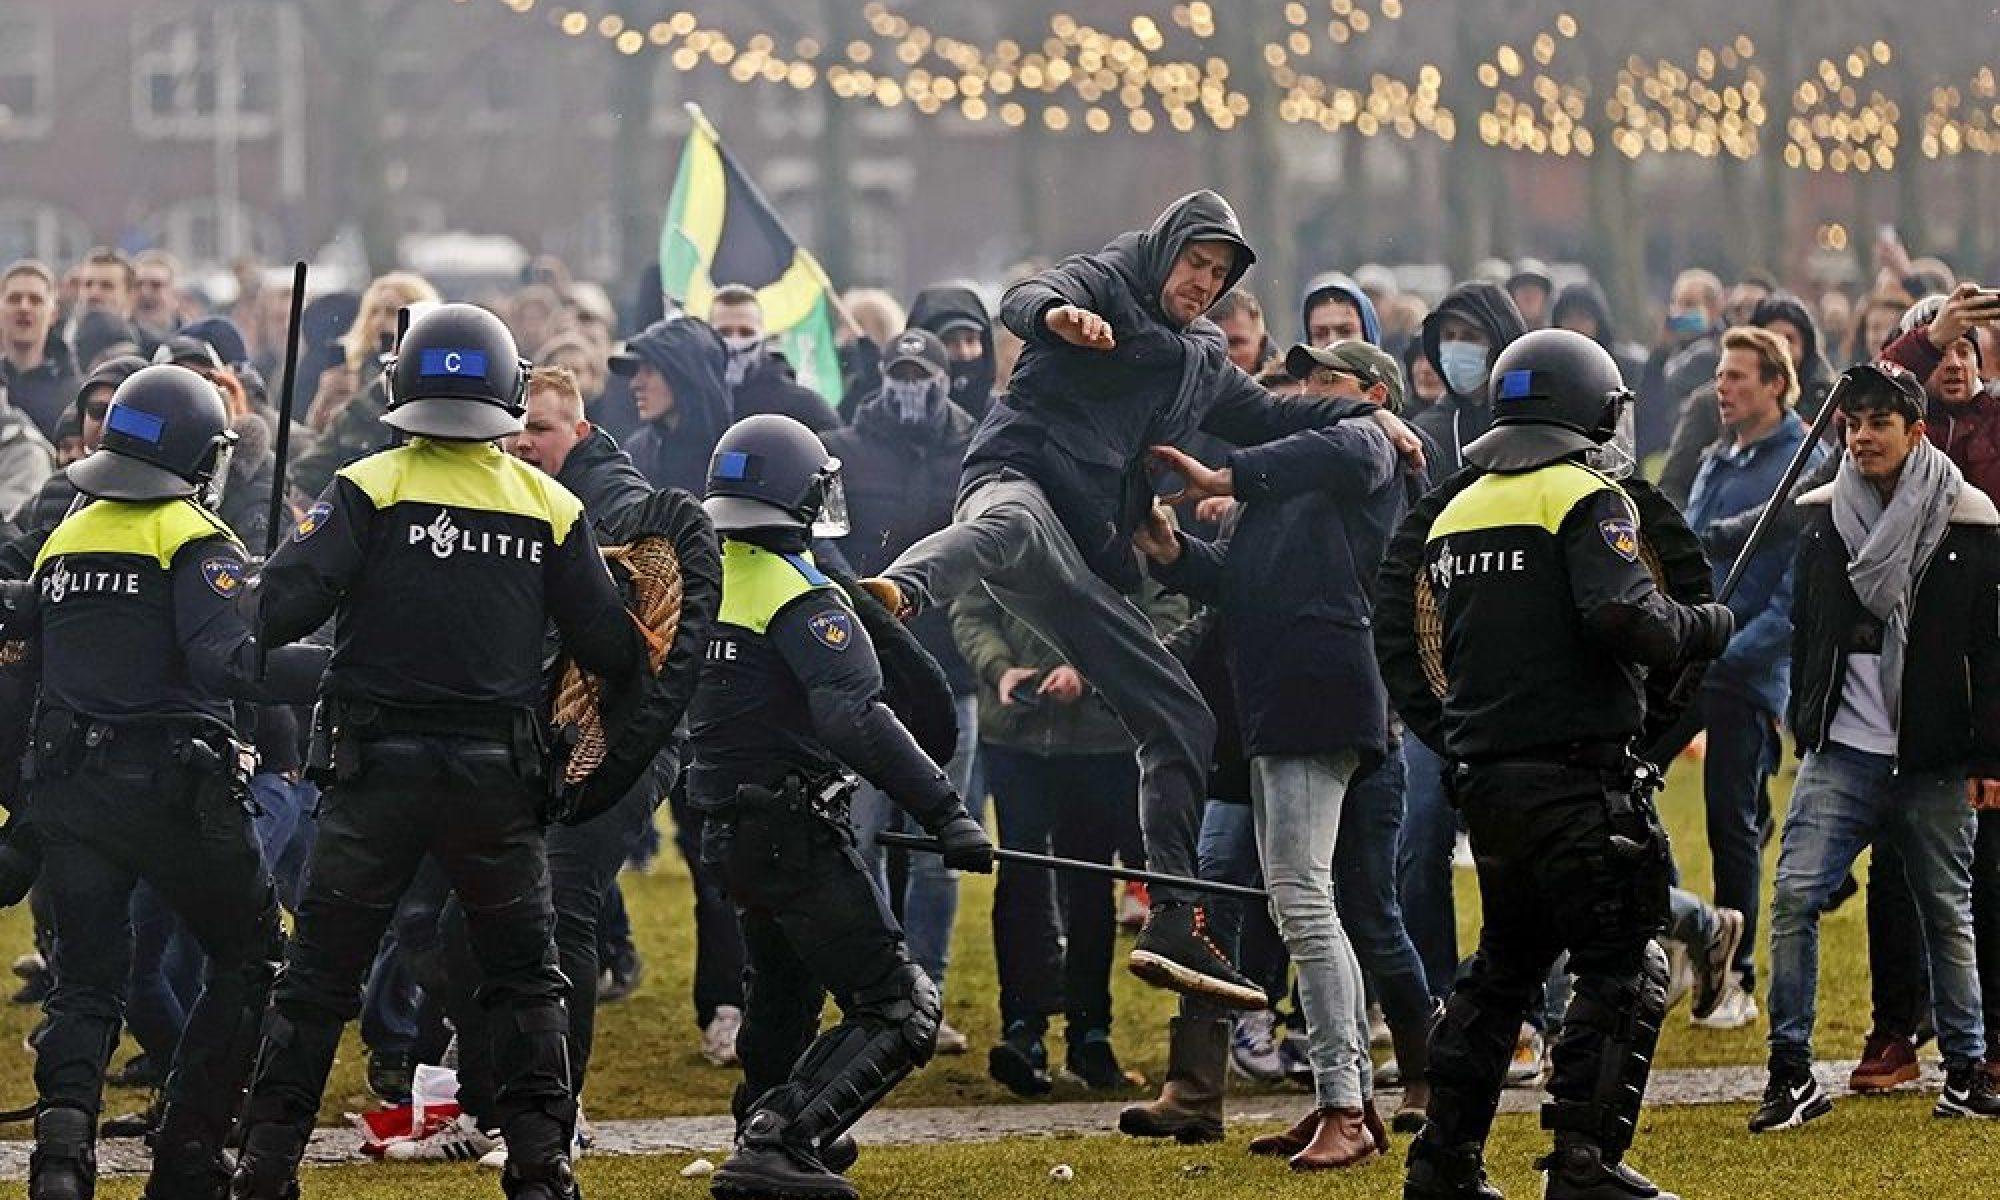 Hollanda'da coronovirüs kısıtlamalarına karşı yapılan gösteriler durmuyor